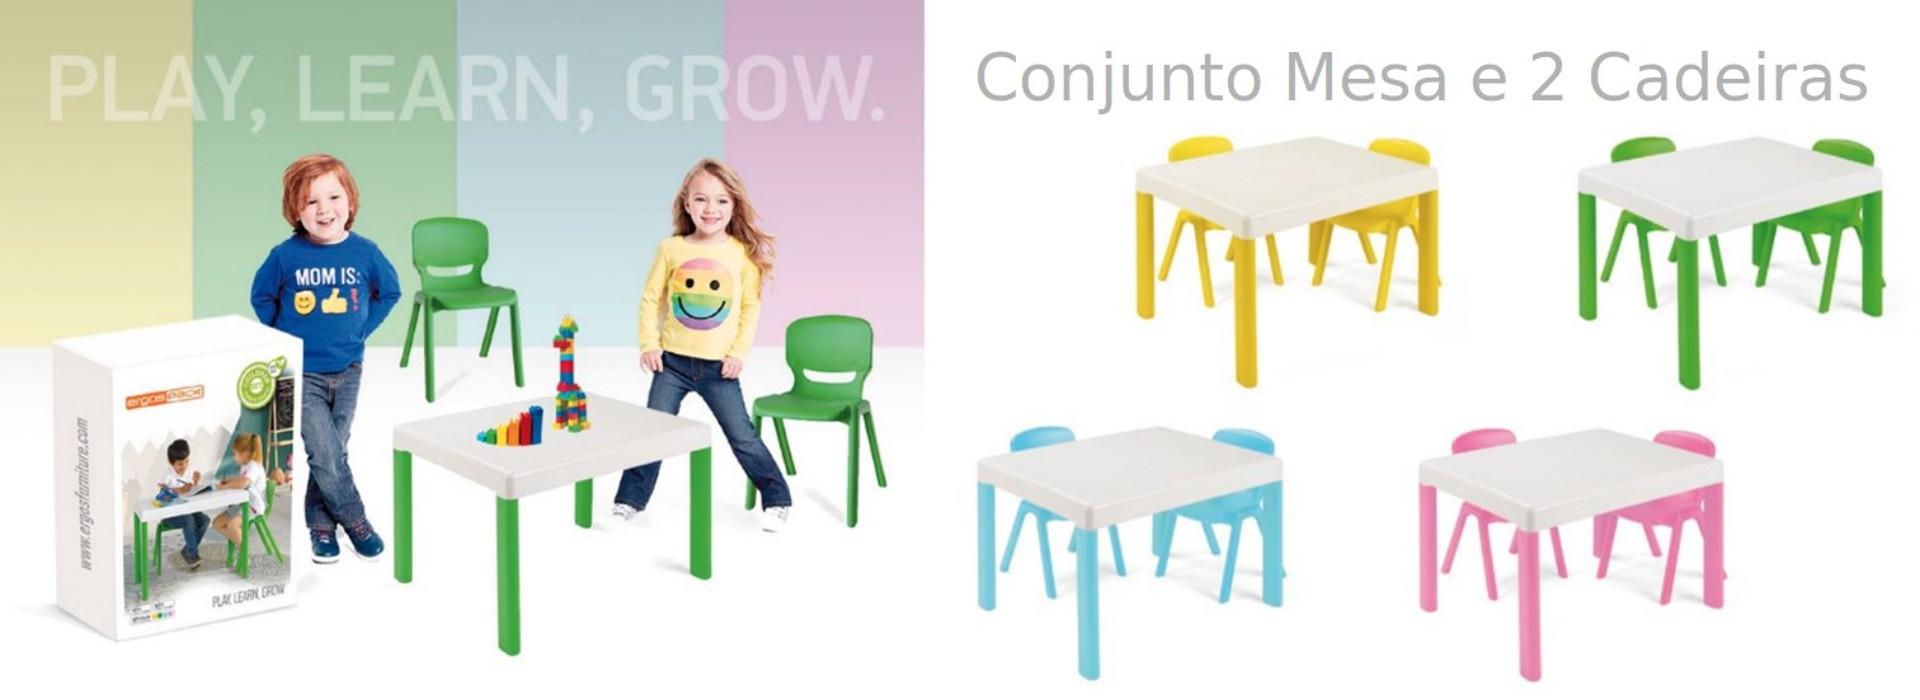 Pack Ergos Kids 1 Conj. Mesa e 2 cadeiras